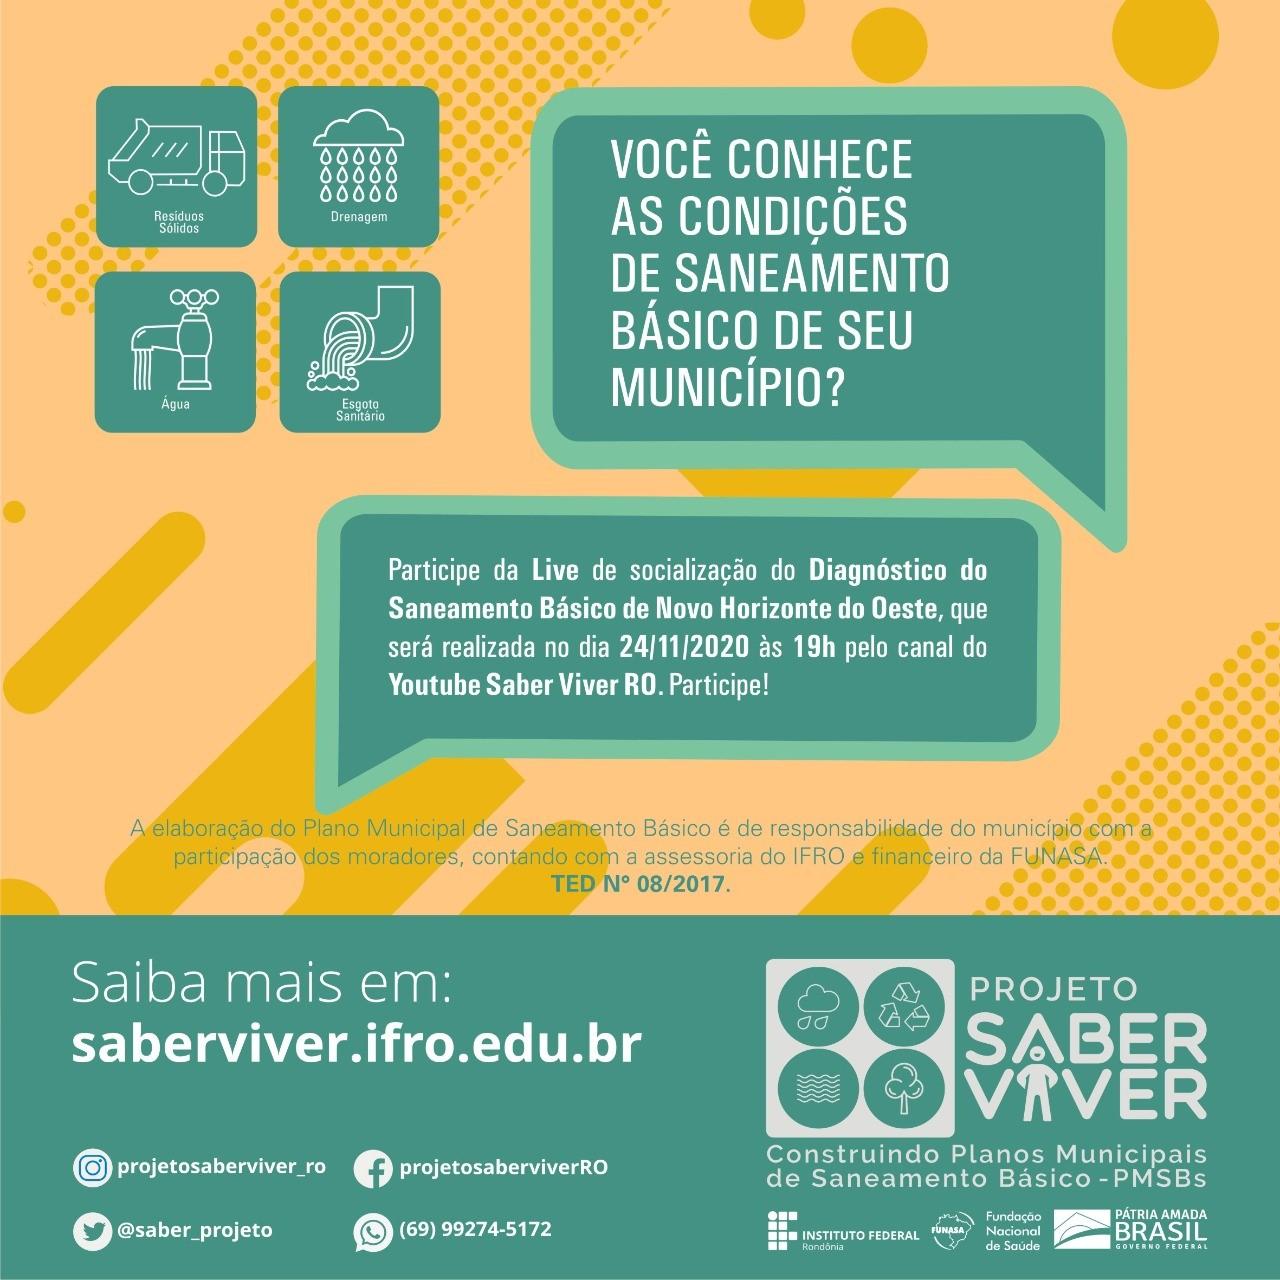 CONVITE PARA AUDIÊNCIA PÚBLICA DO PLANO MUNICIPAL DE SANEAMENTO BÁSICO DE NOVO HORIZONTE DO OESTE/RO